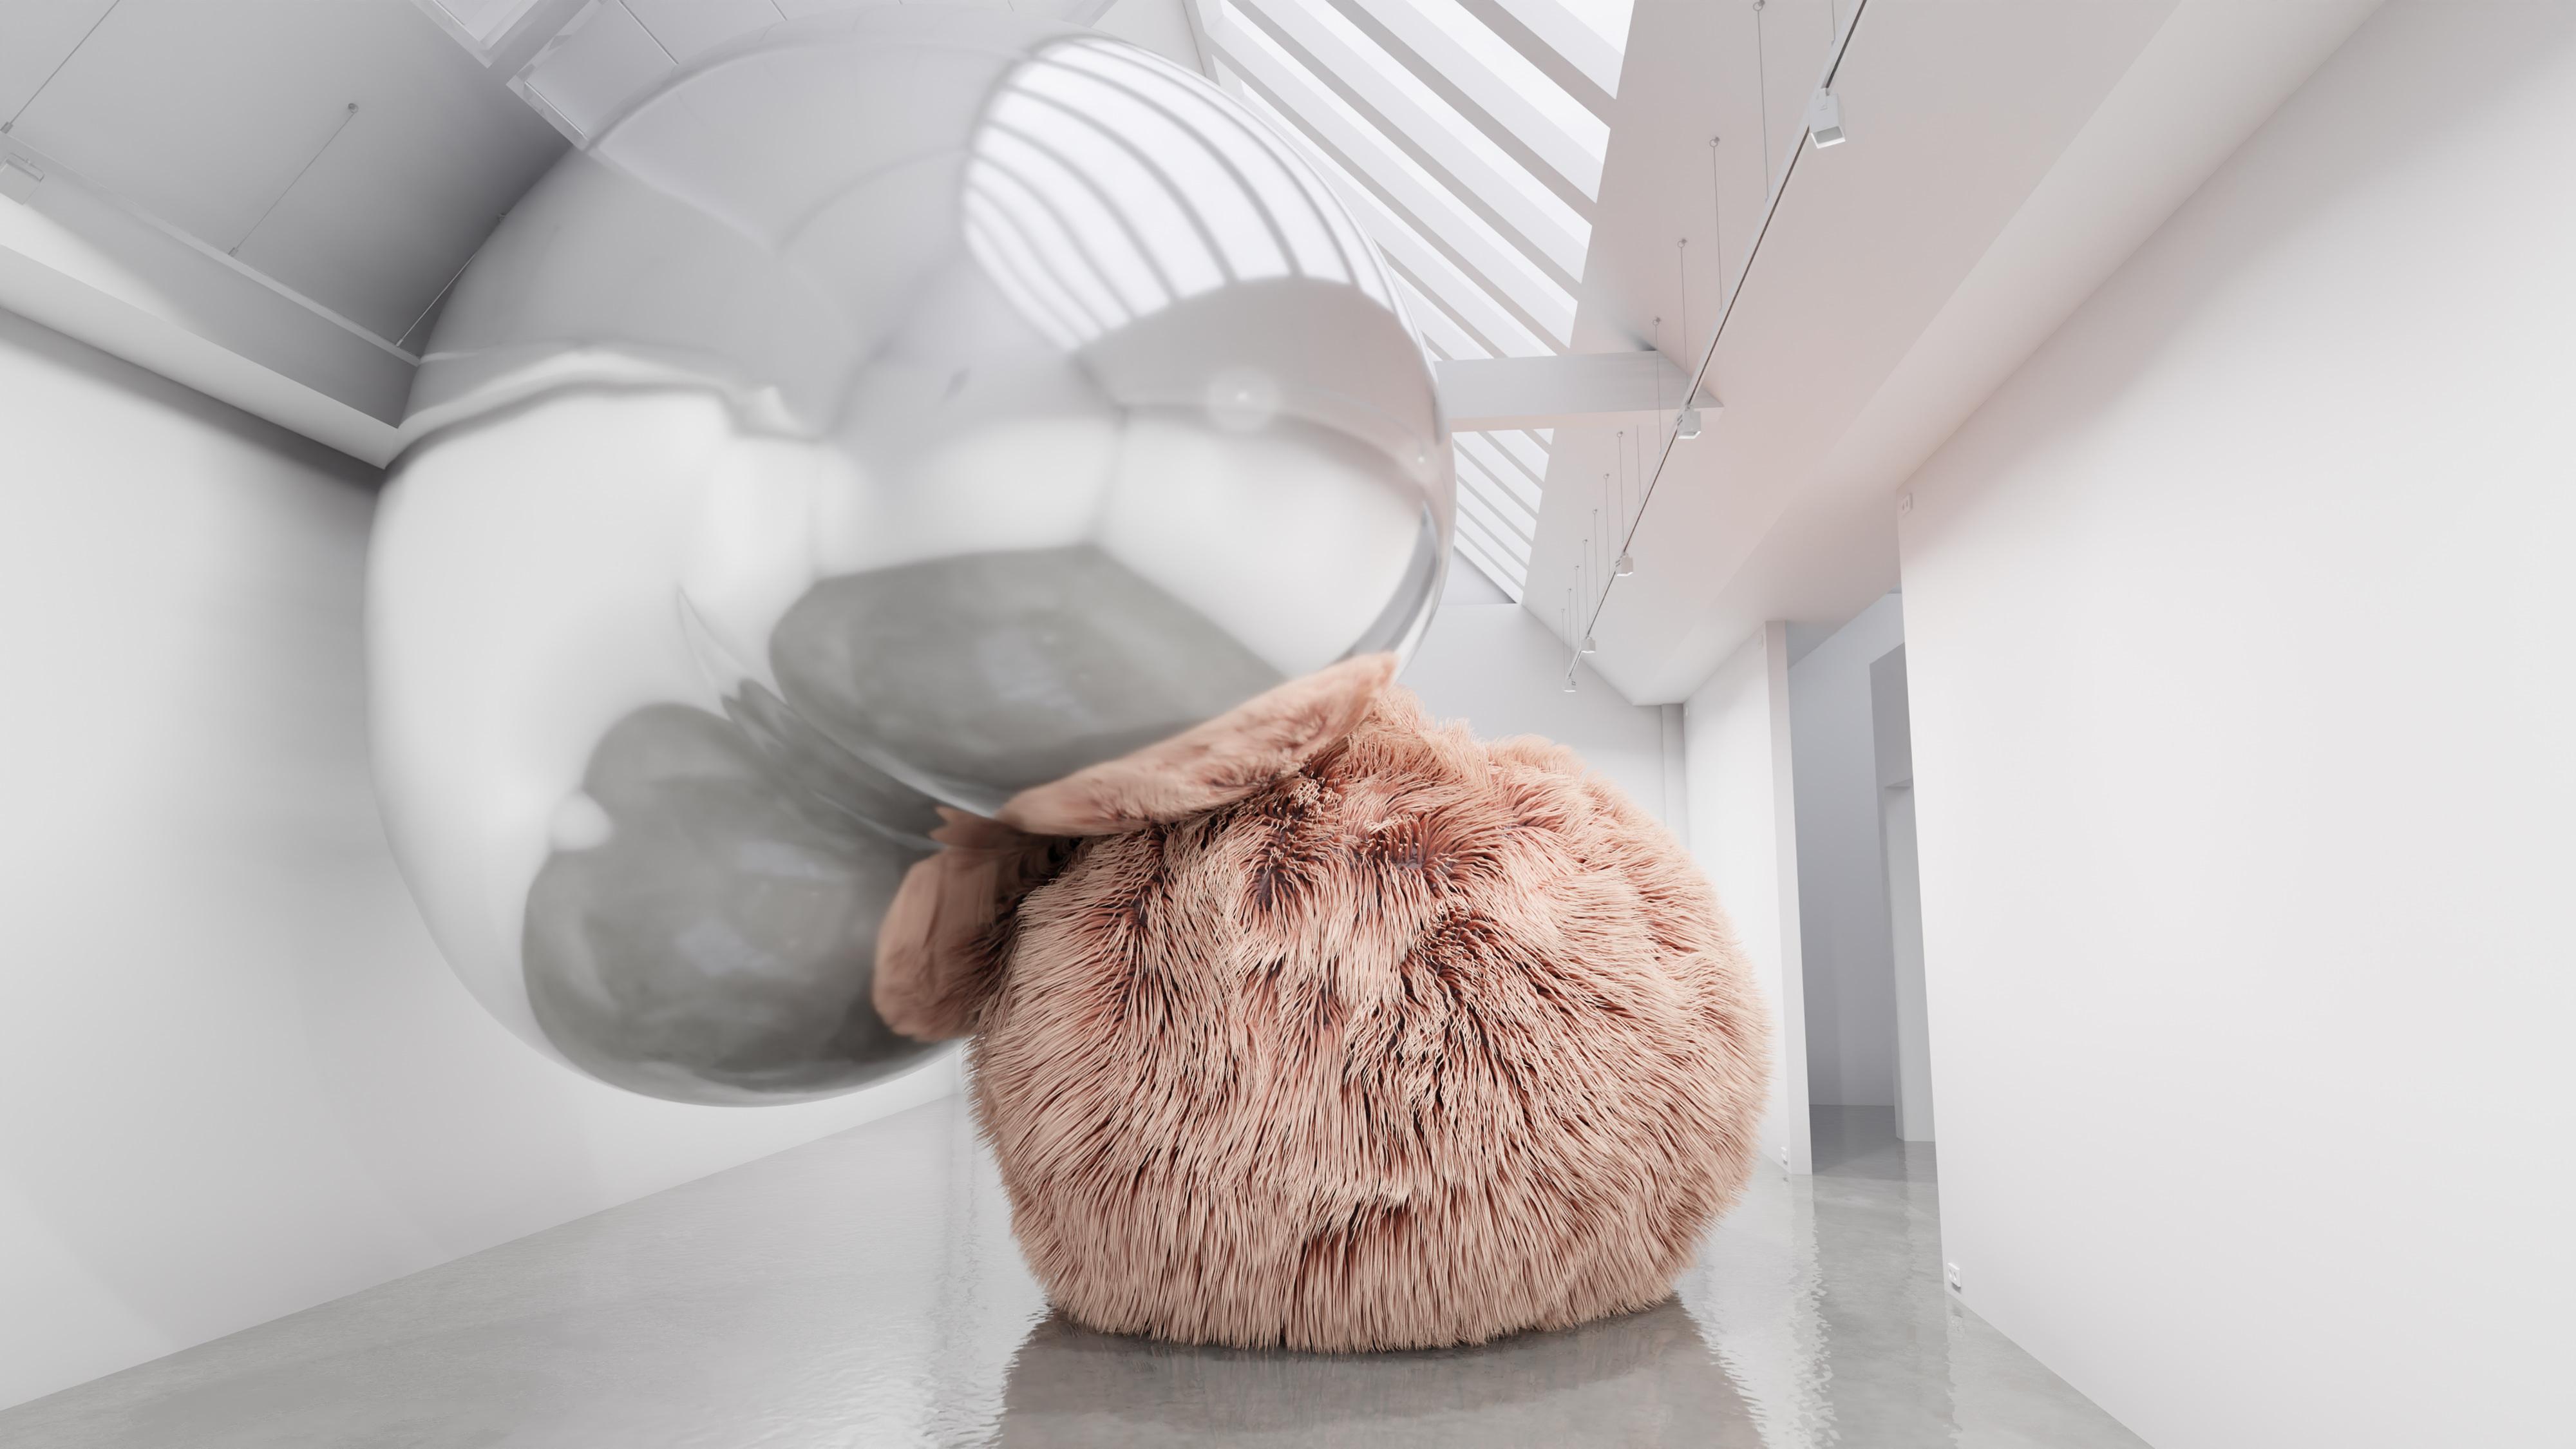 Galerie Barbara Thumm \ New Viewings #30 \ Alex Schweder